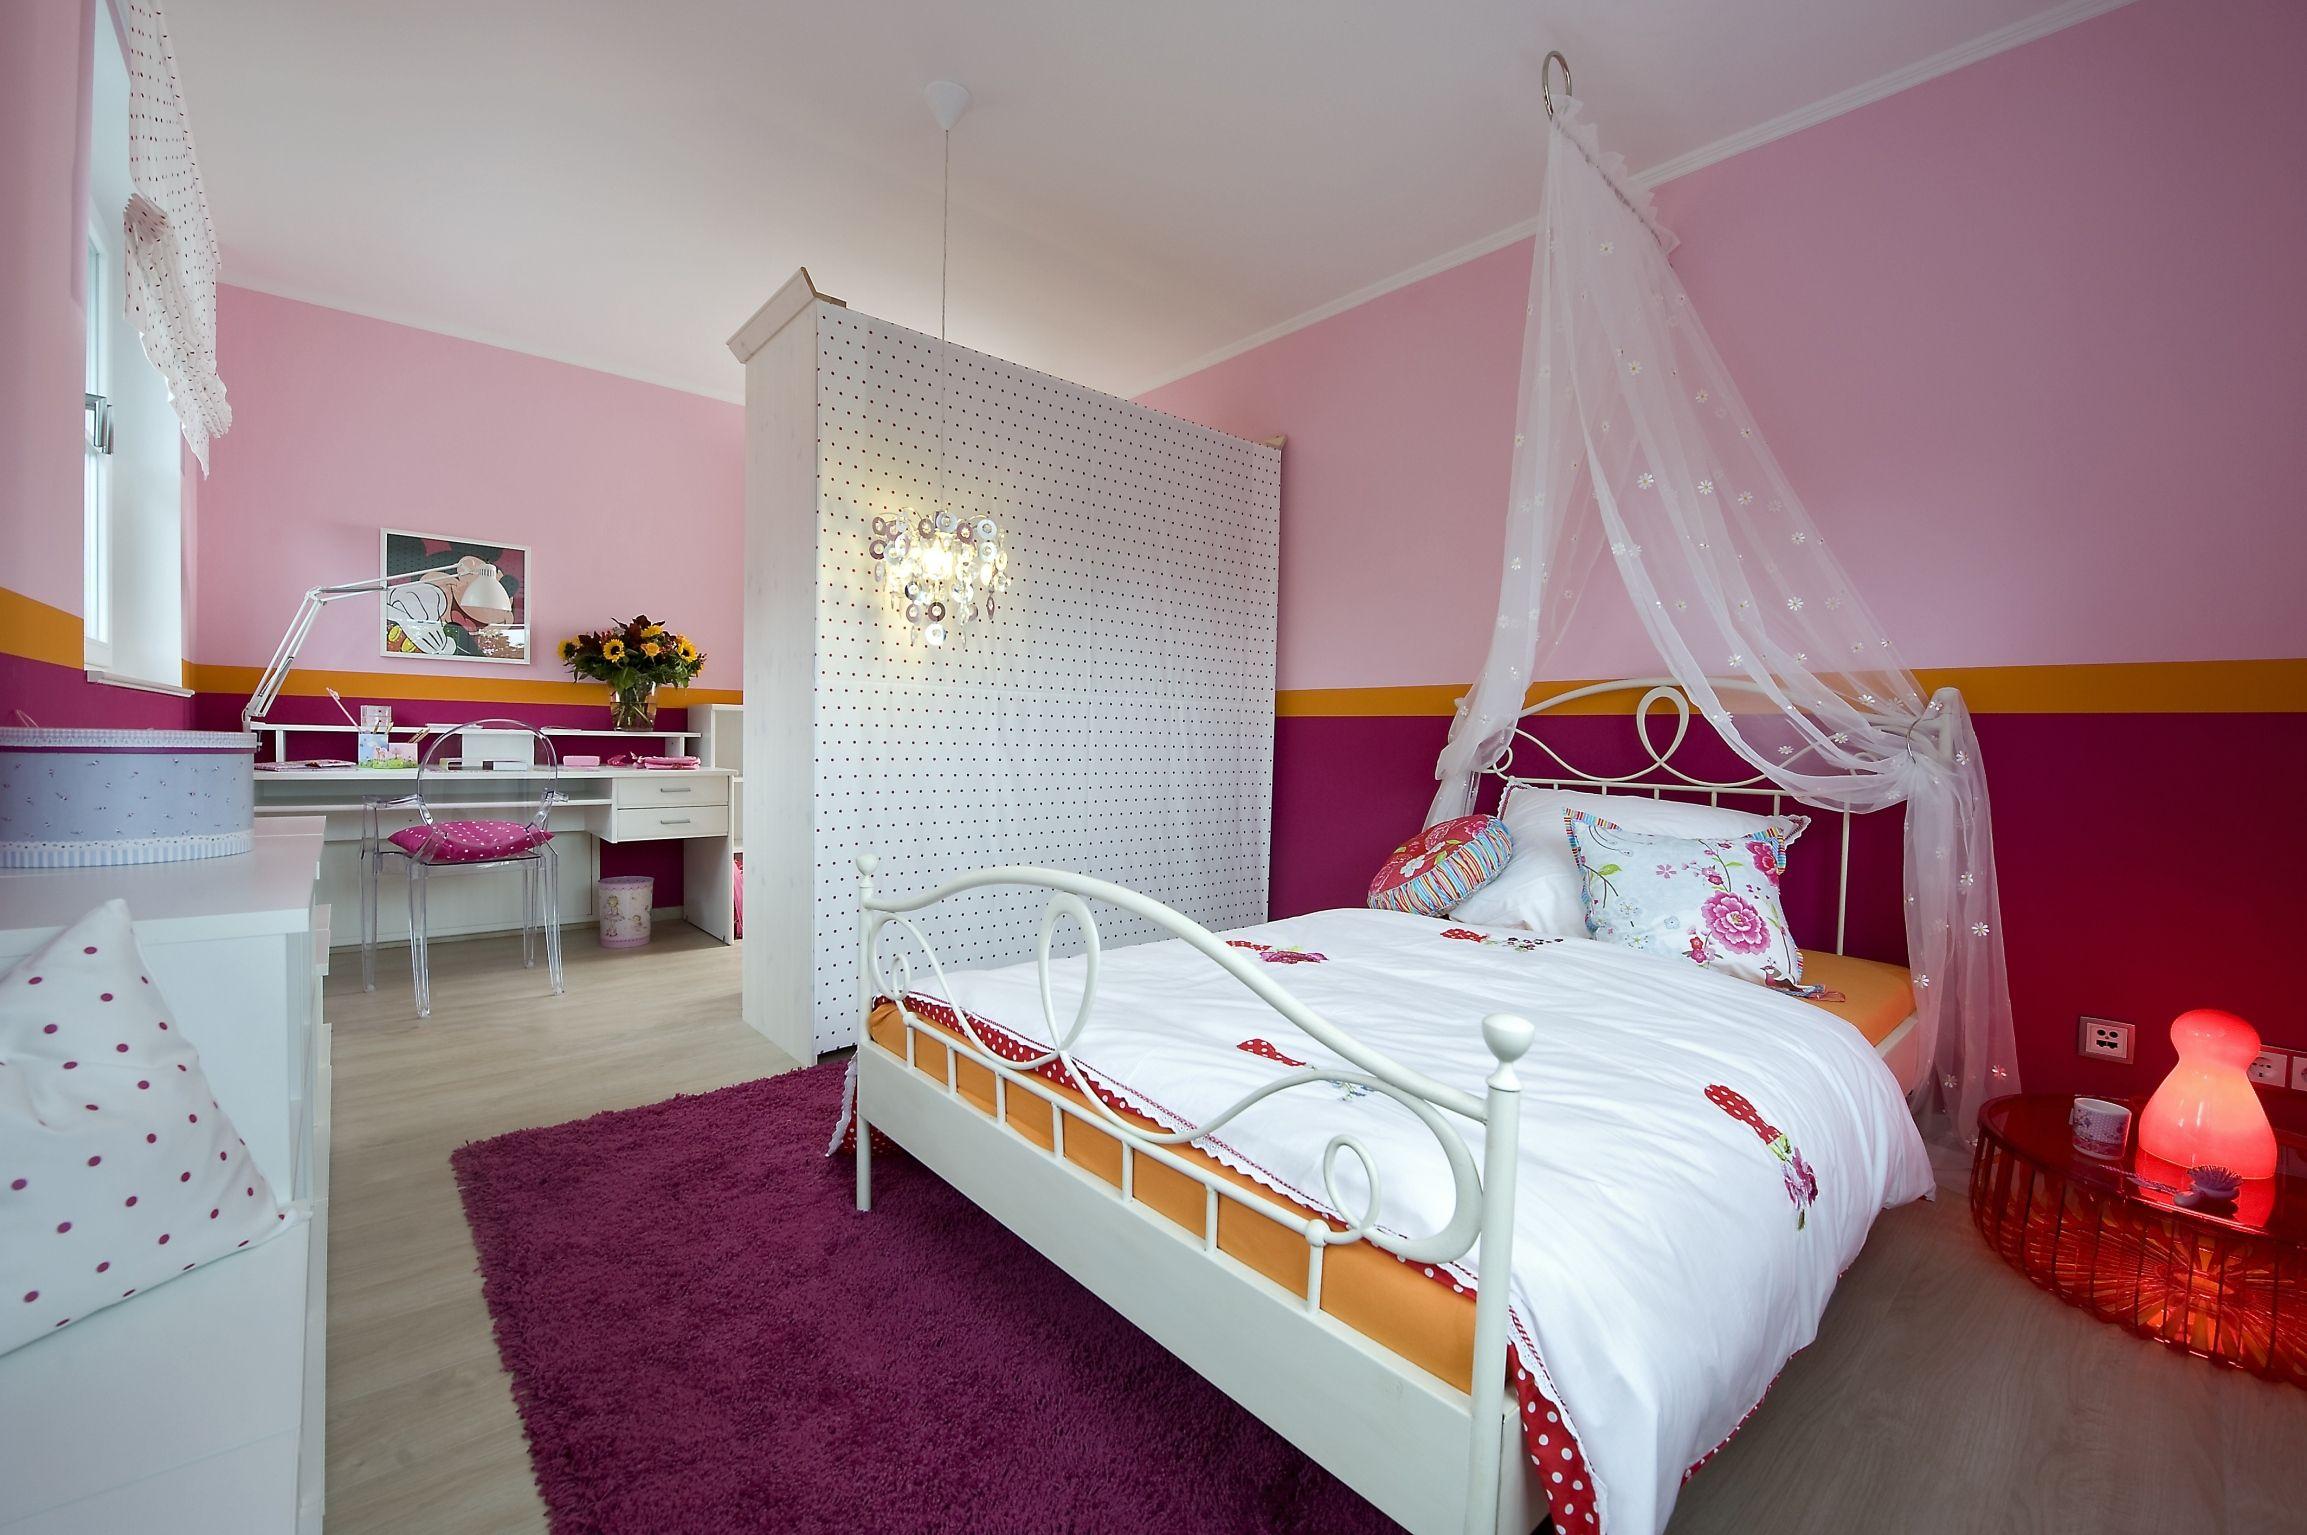 Mädchentraum: Ein Kinderzimmer in Rosa- und Pinktönen gehalten mit ...